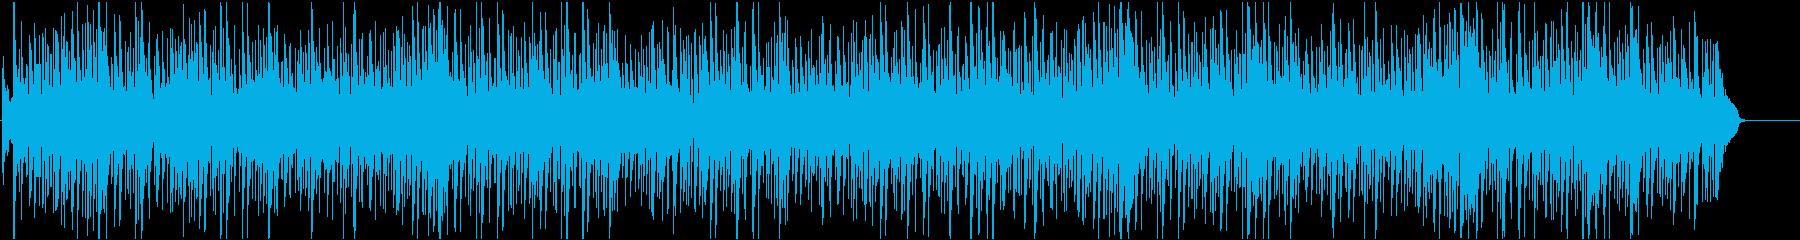 アラブ風の曲の再生済みの波形